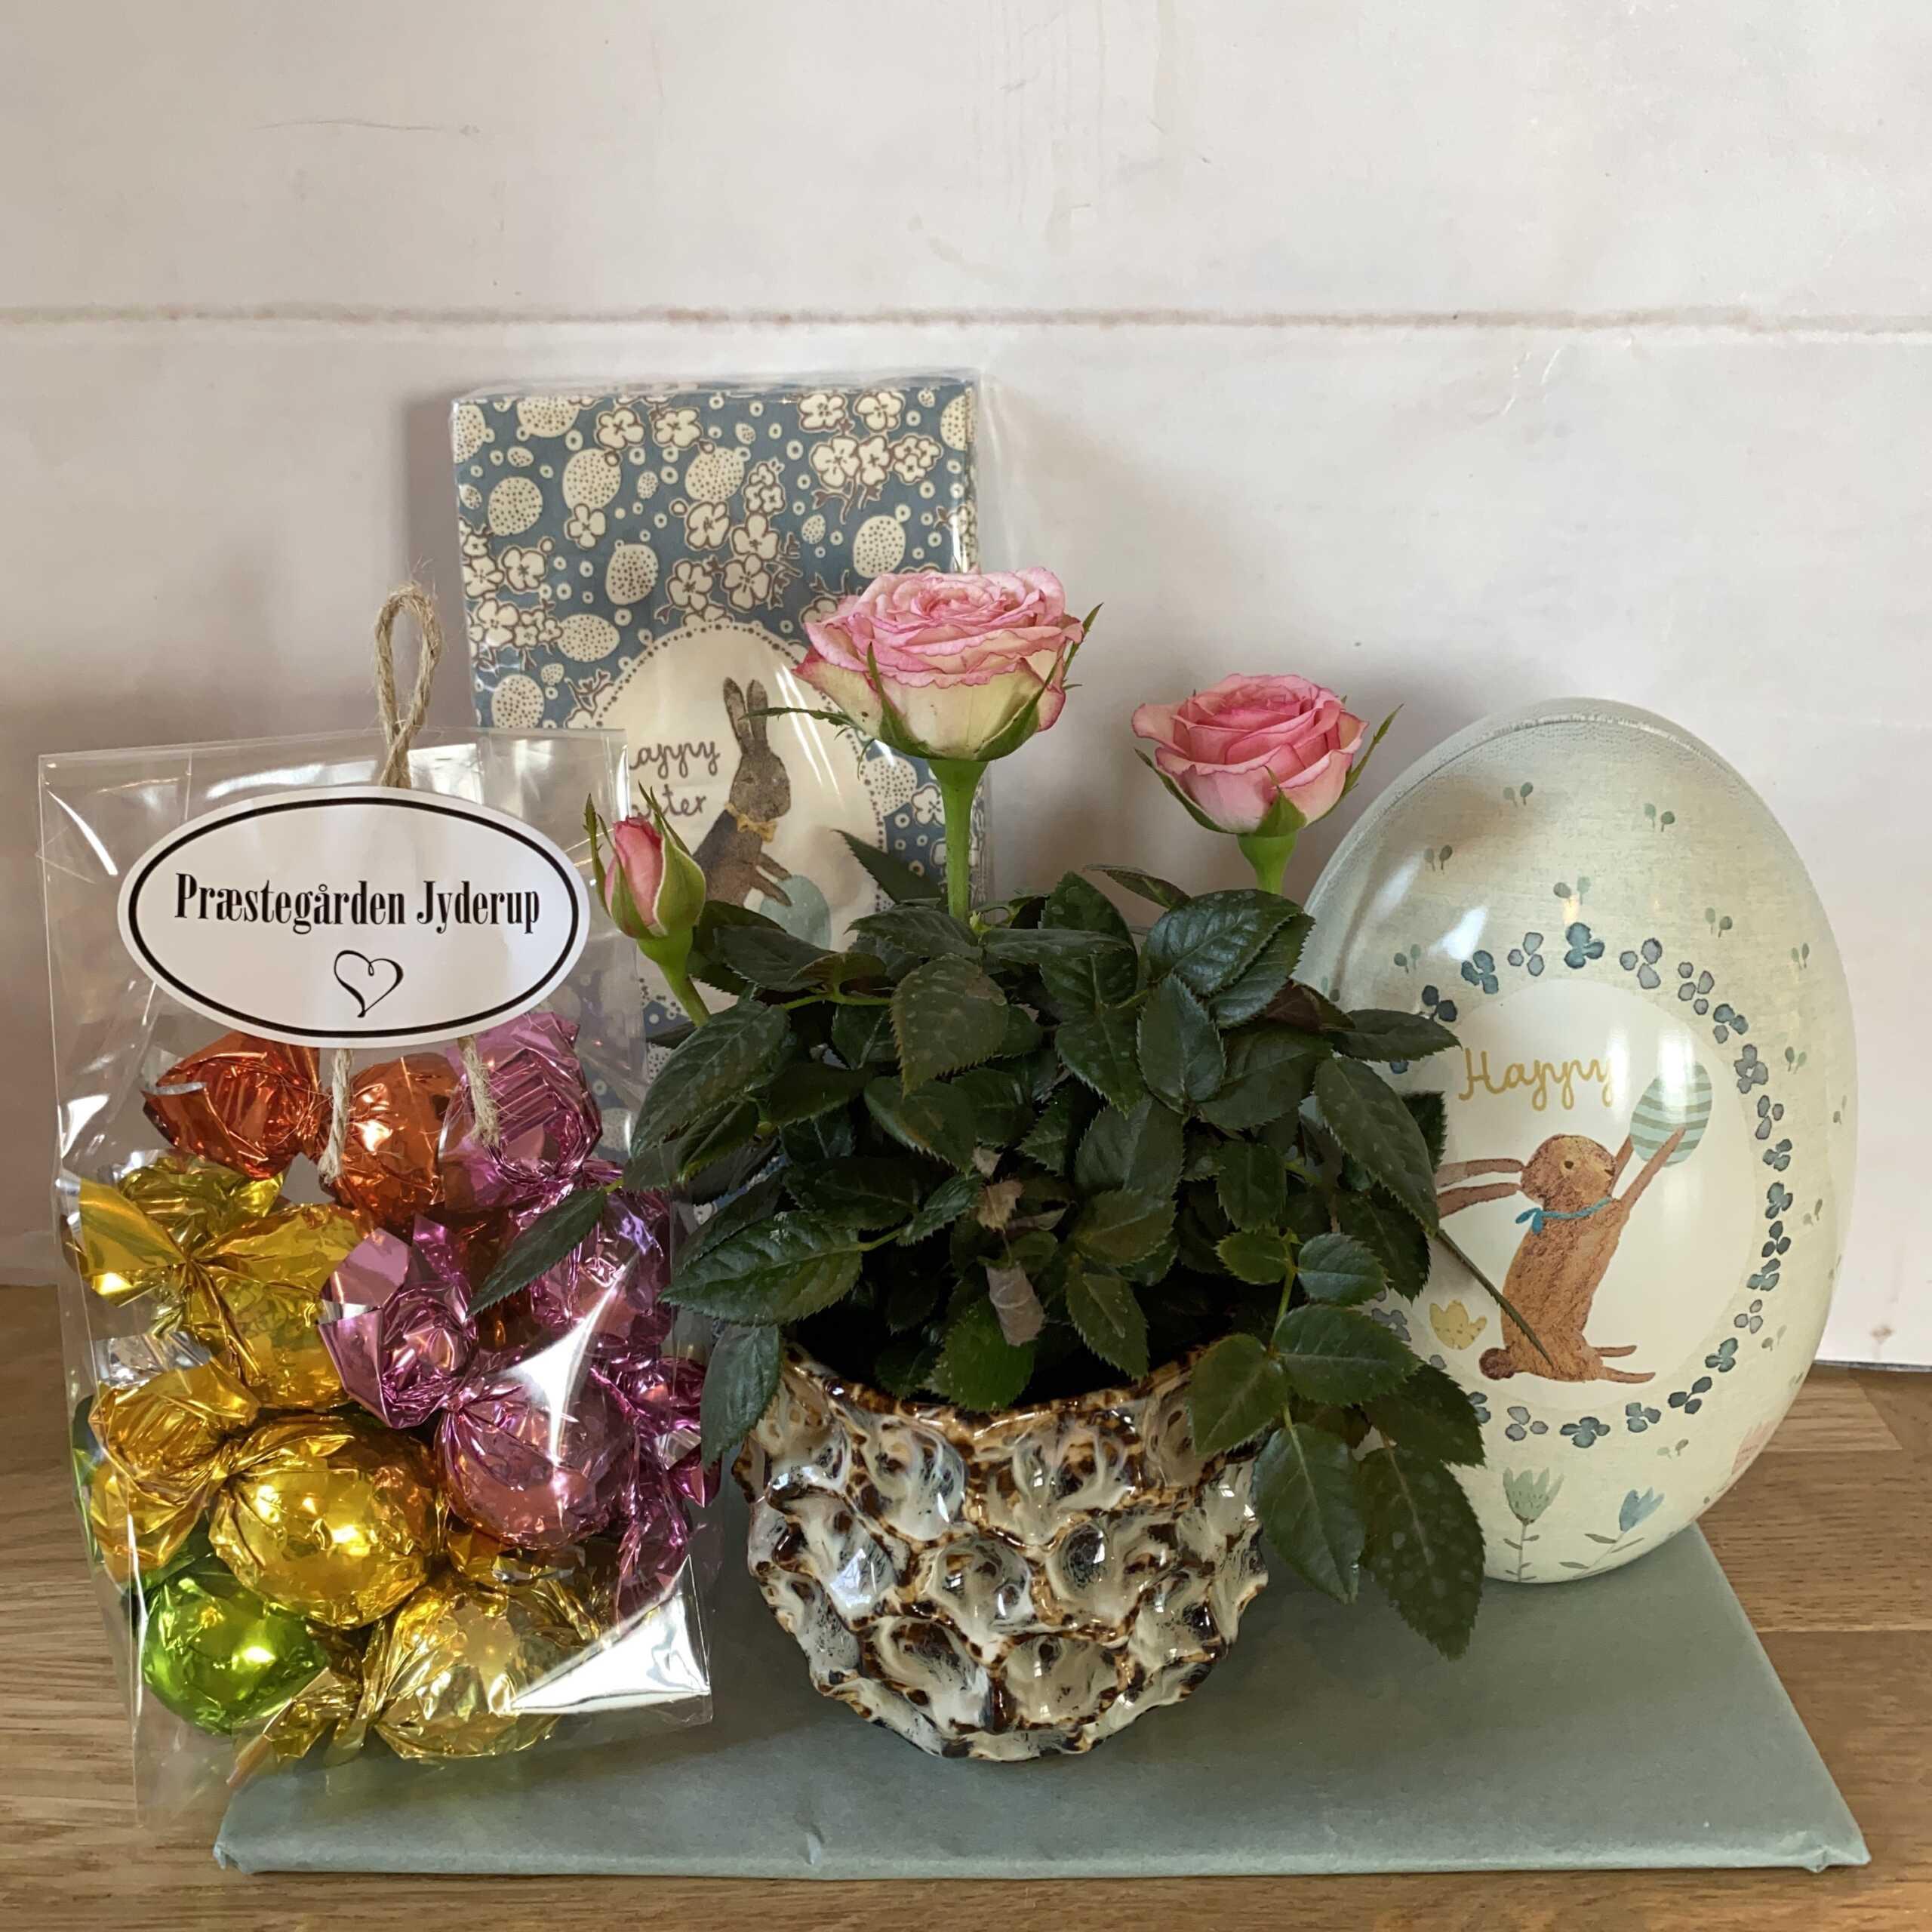 Påske~Sæt med Metal~æg fra Maileg, lille blomst i potte,  chokoladebomber og fine påskeservietter fra Maileg ~ 185 kr.